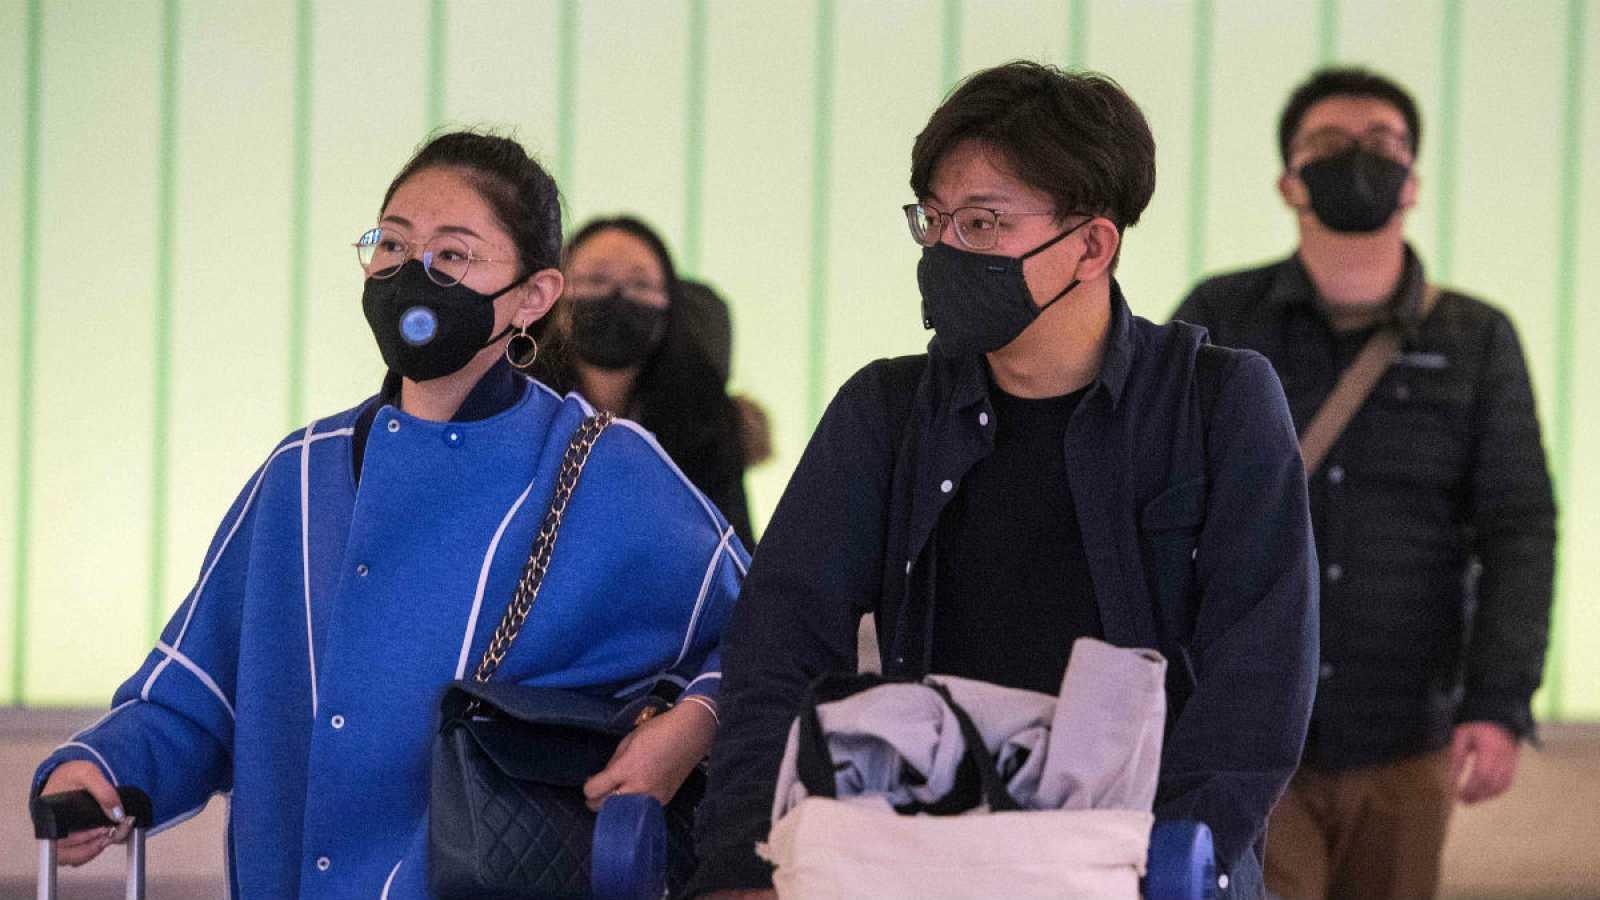 En el aeropuerto de Los Ángeles, los pasajeros portan mascarillas para prevenir los ya constantes contagios por el coronavirus chino.